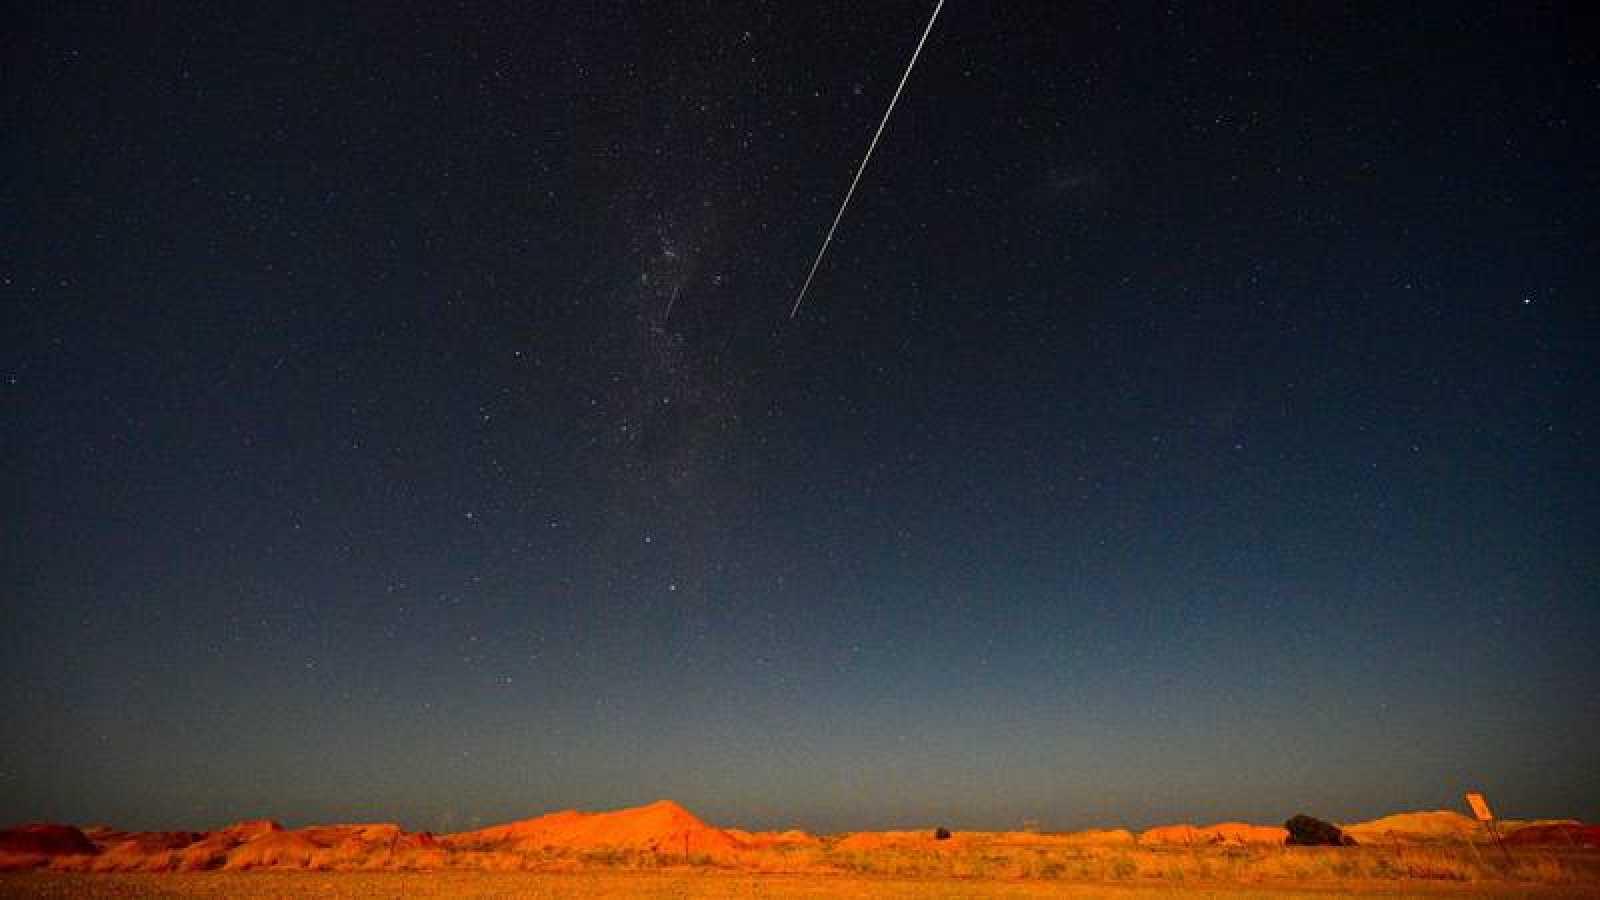 La cápsula de la sonda japonesa Hayabusa2 poco antes de aterrizar en el sur de Australia